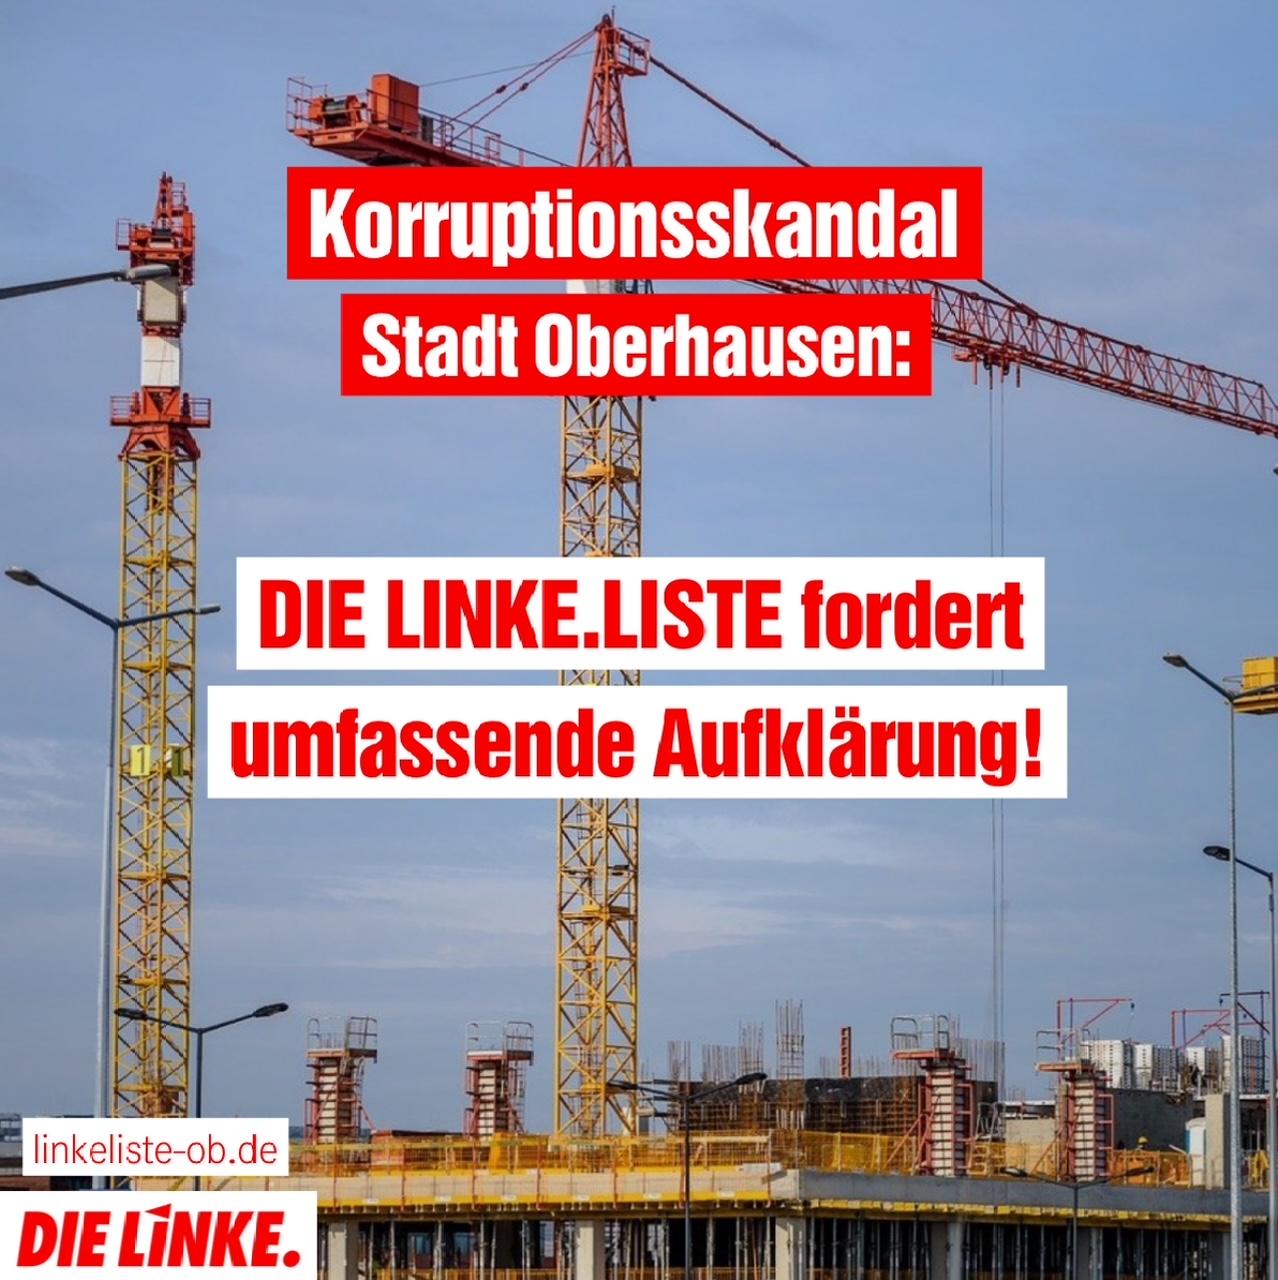 Korruption: DIE LINKE.LISTE fordert umfassende Aufklärung